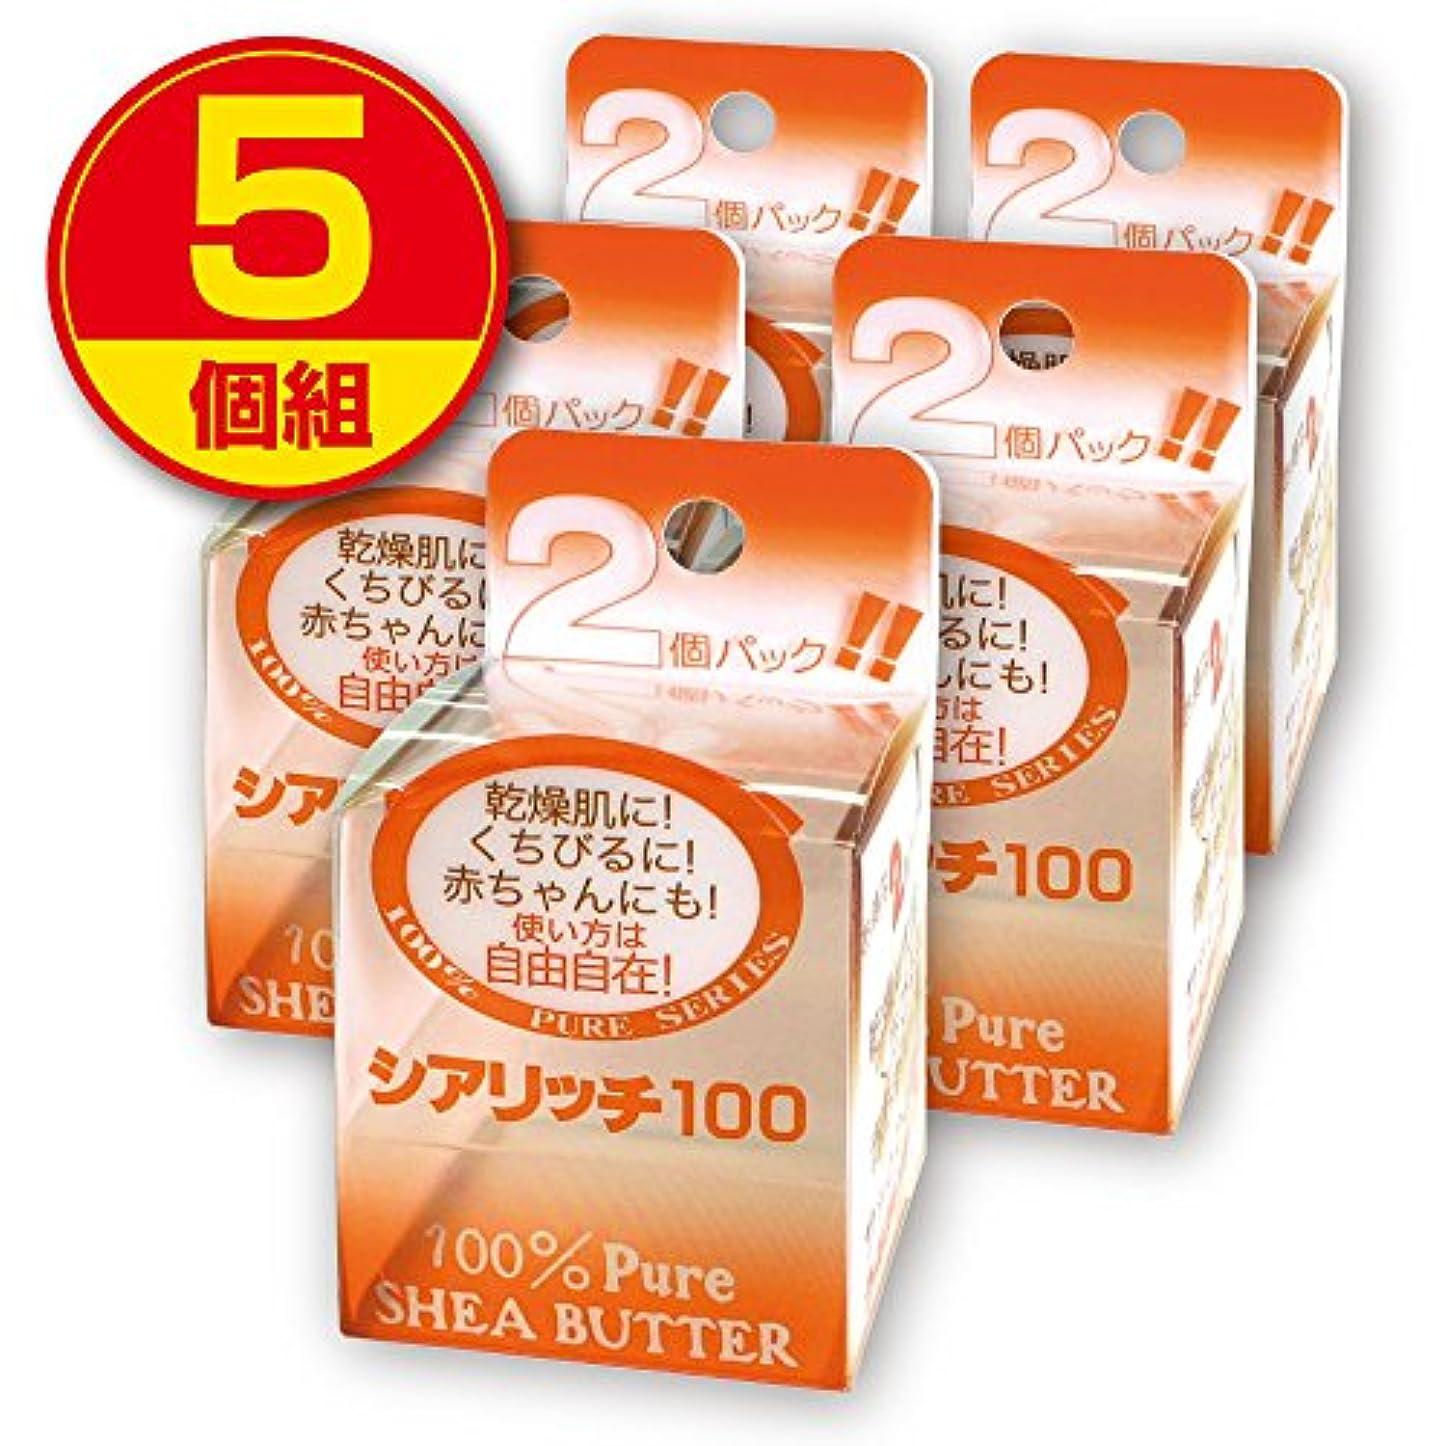 衝動もっと後悔日本天然物研究所 シアリッチ100 (8g×2個入り)【5個組】(無添加100%シアバター)無香料